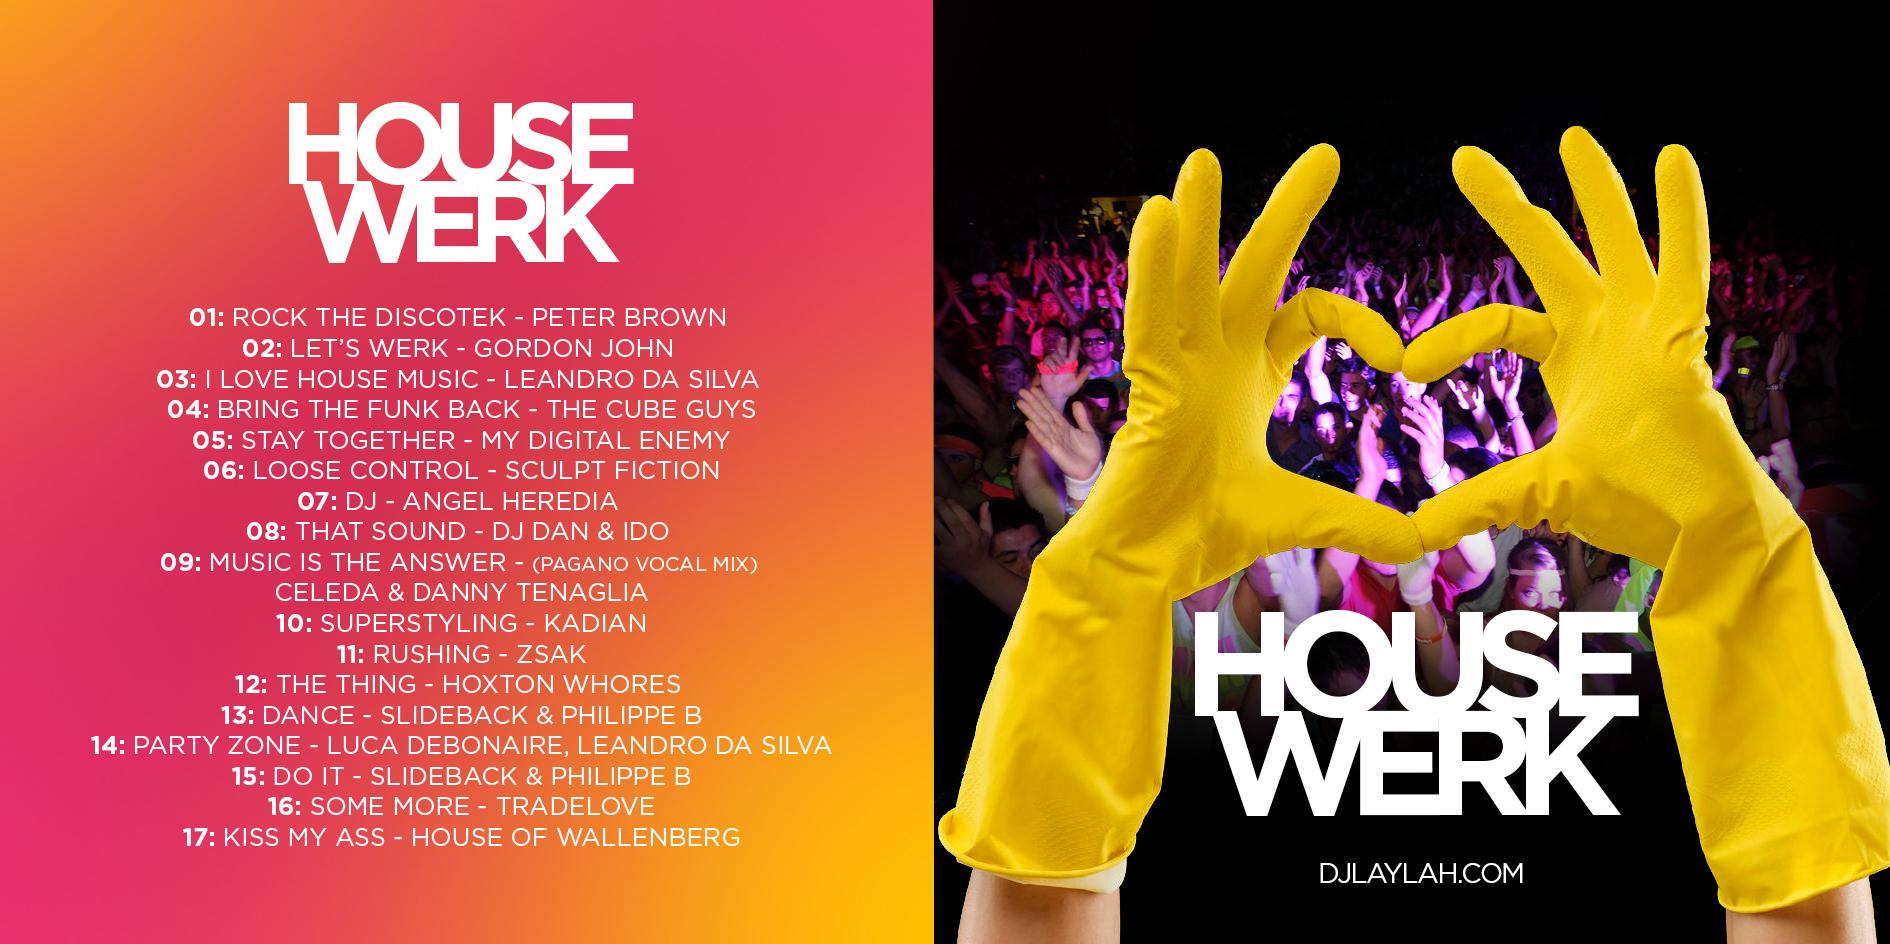 House-Werk-lrg